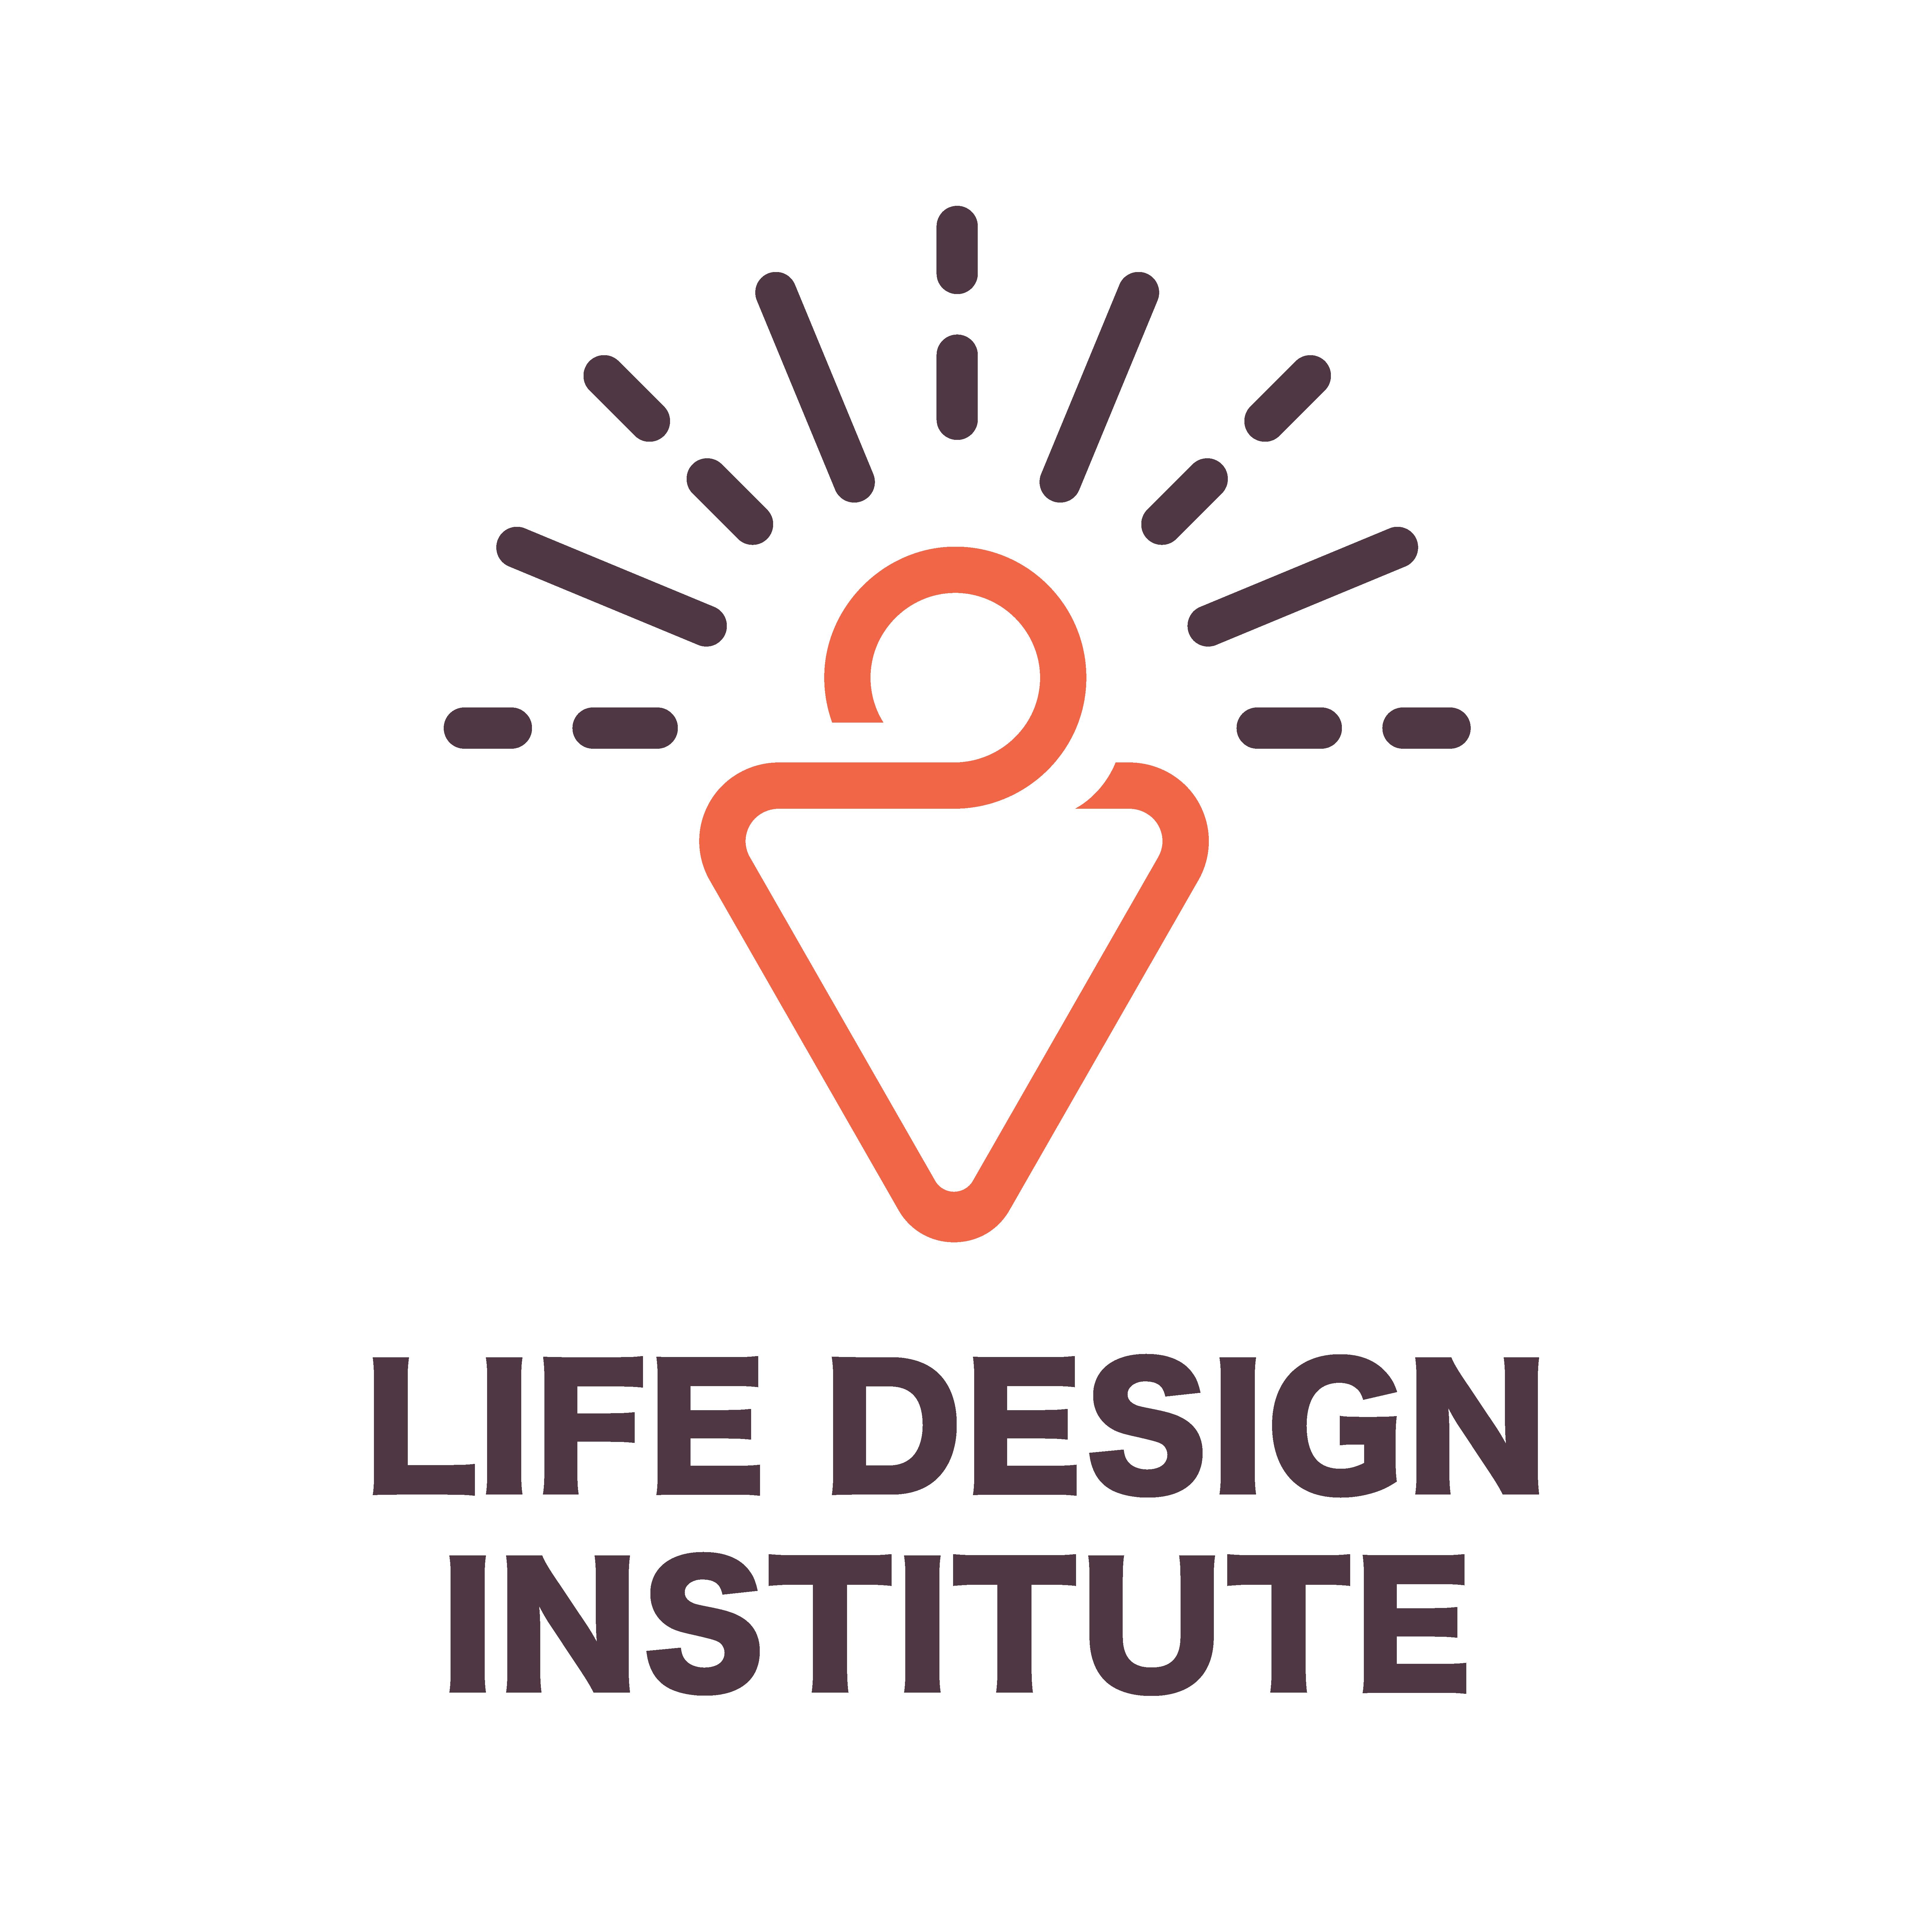 Life Design Institute logo